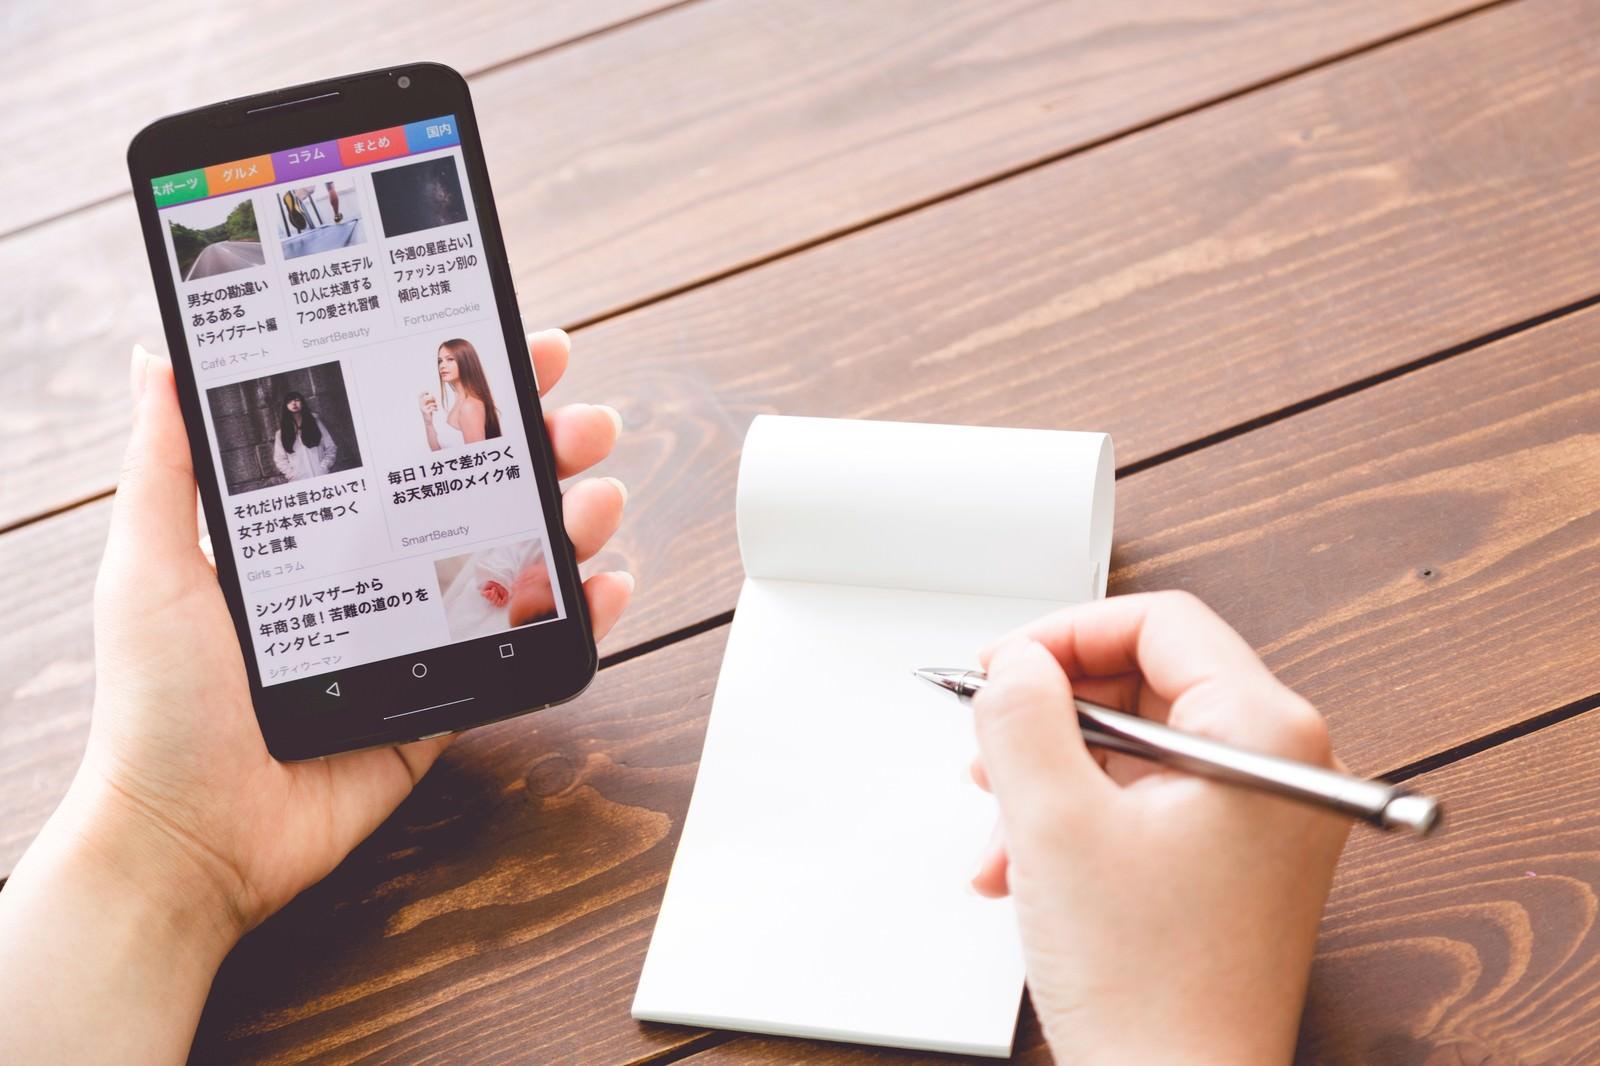 「ニュースアプリで人気コラムをチェックニュースアプリで人気コラムをチェック」のフリー写真素材を拡大